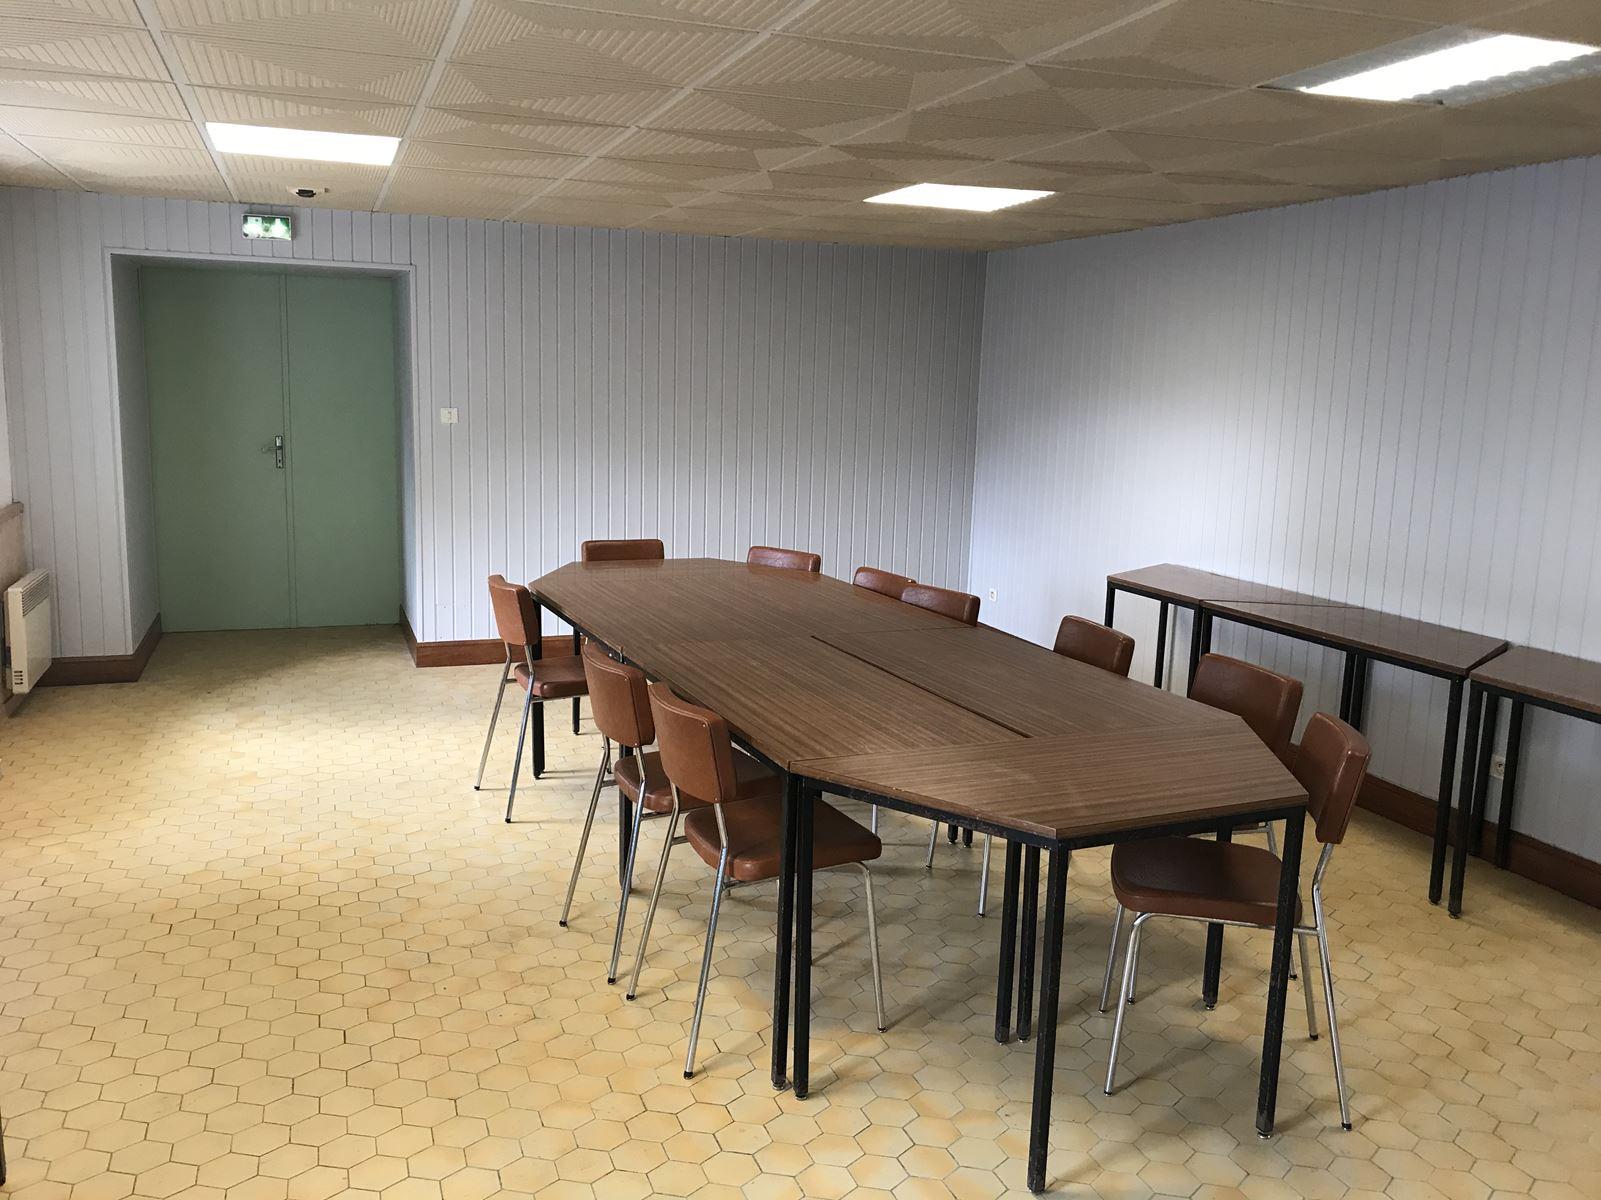 Foyer communal int.jpg